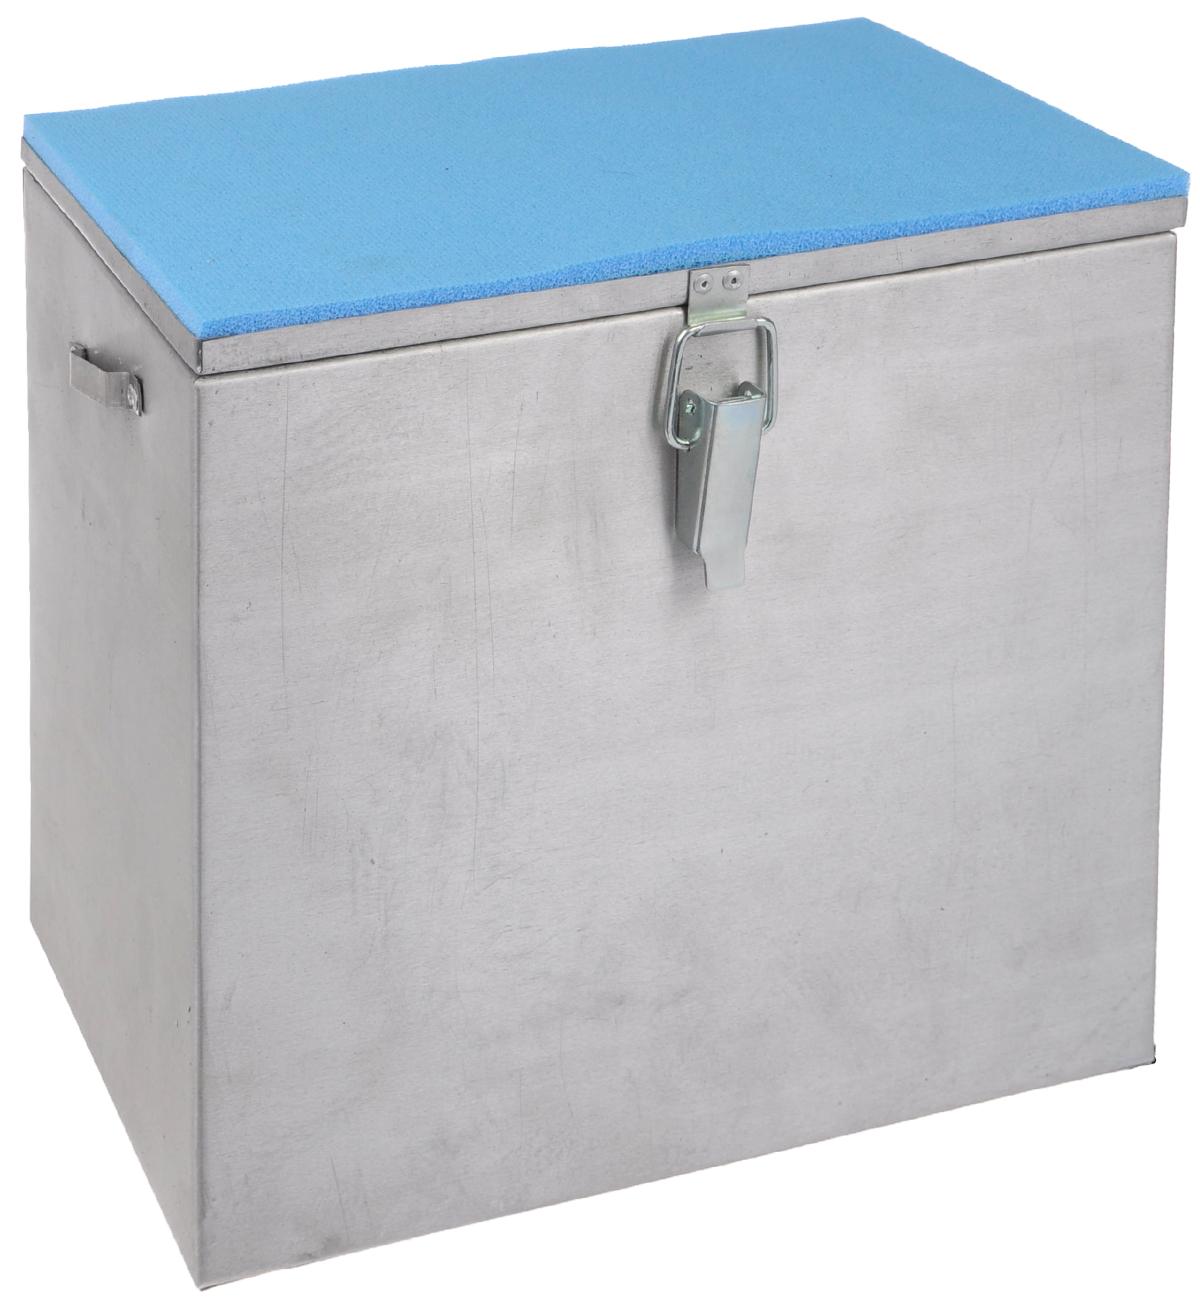 """Ящик рыболова """"Рост"""", алюминиевый, 30 см х 19 см х 29 см. 2446"""